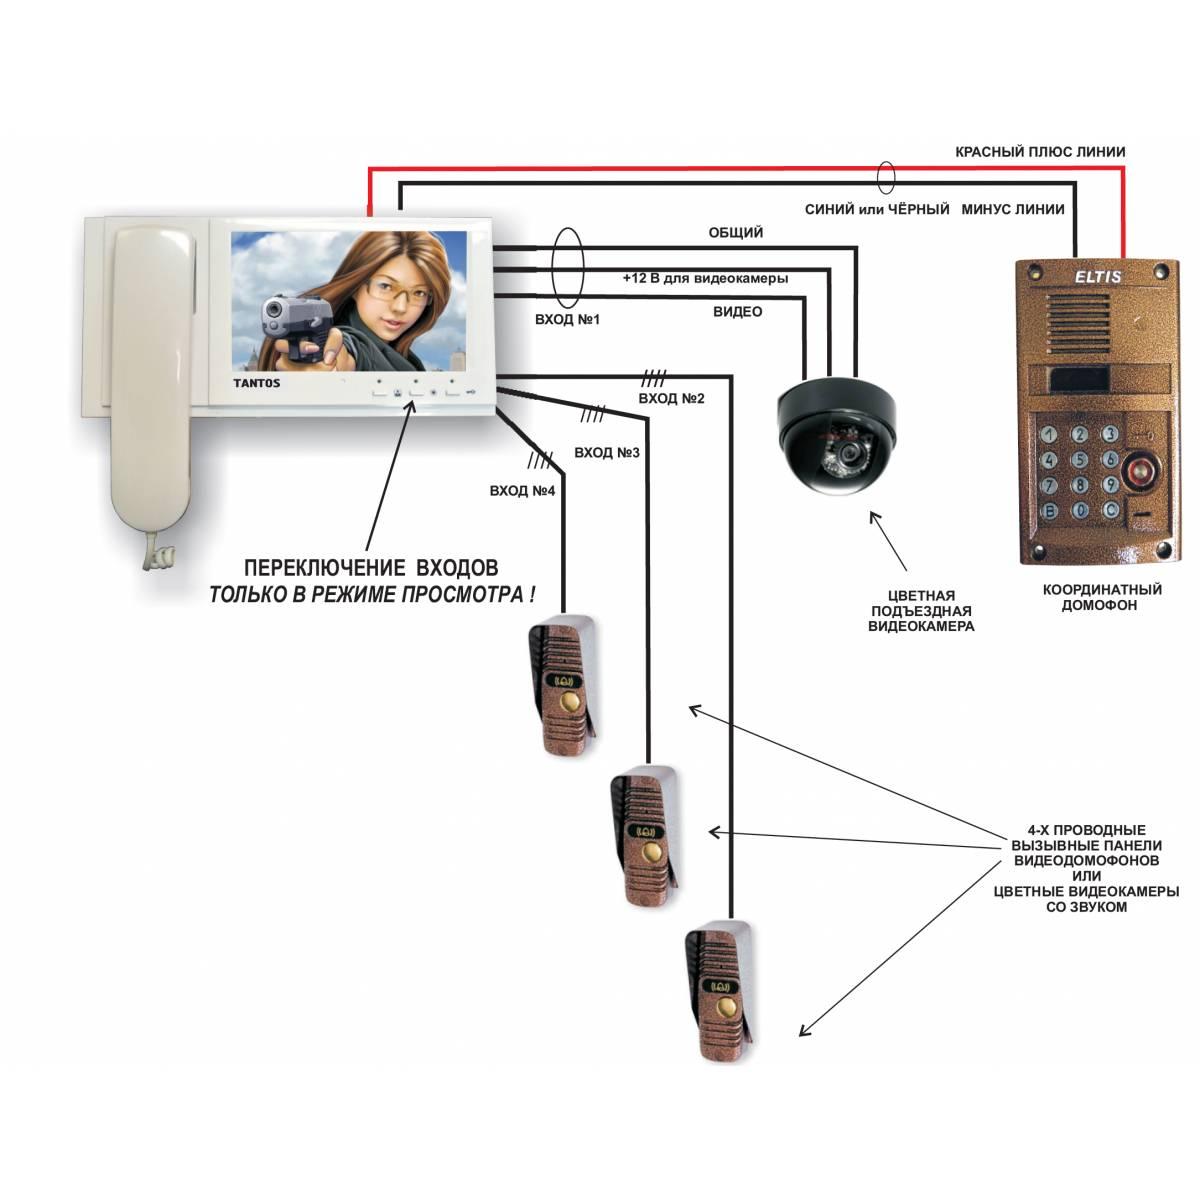 Как подключить домофон самостоятельно: схемы для работы в квартире